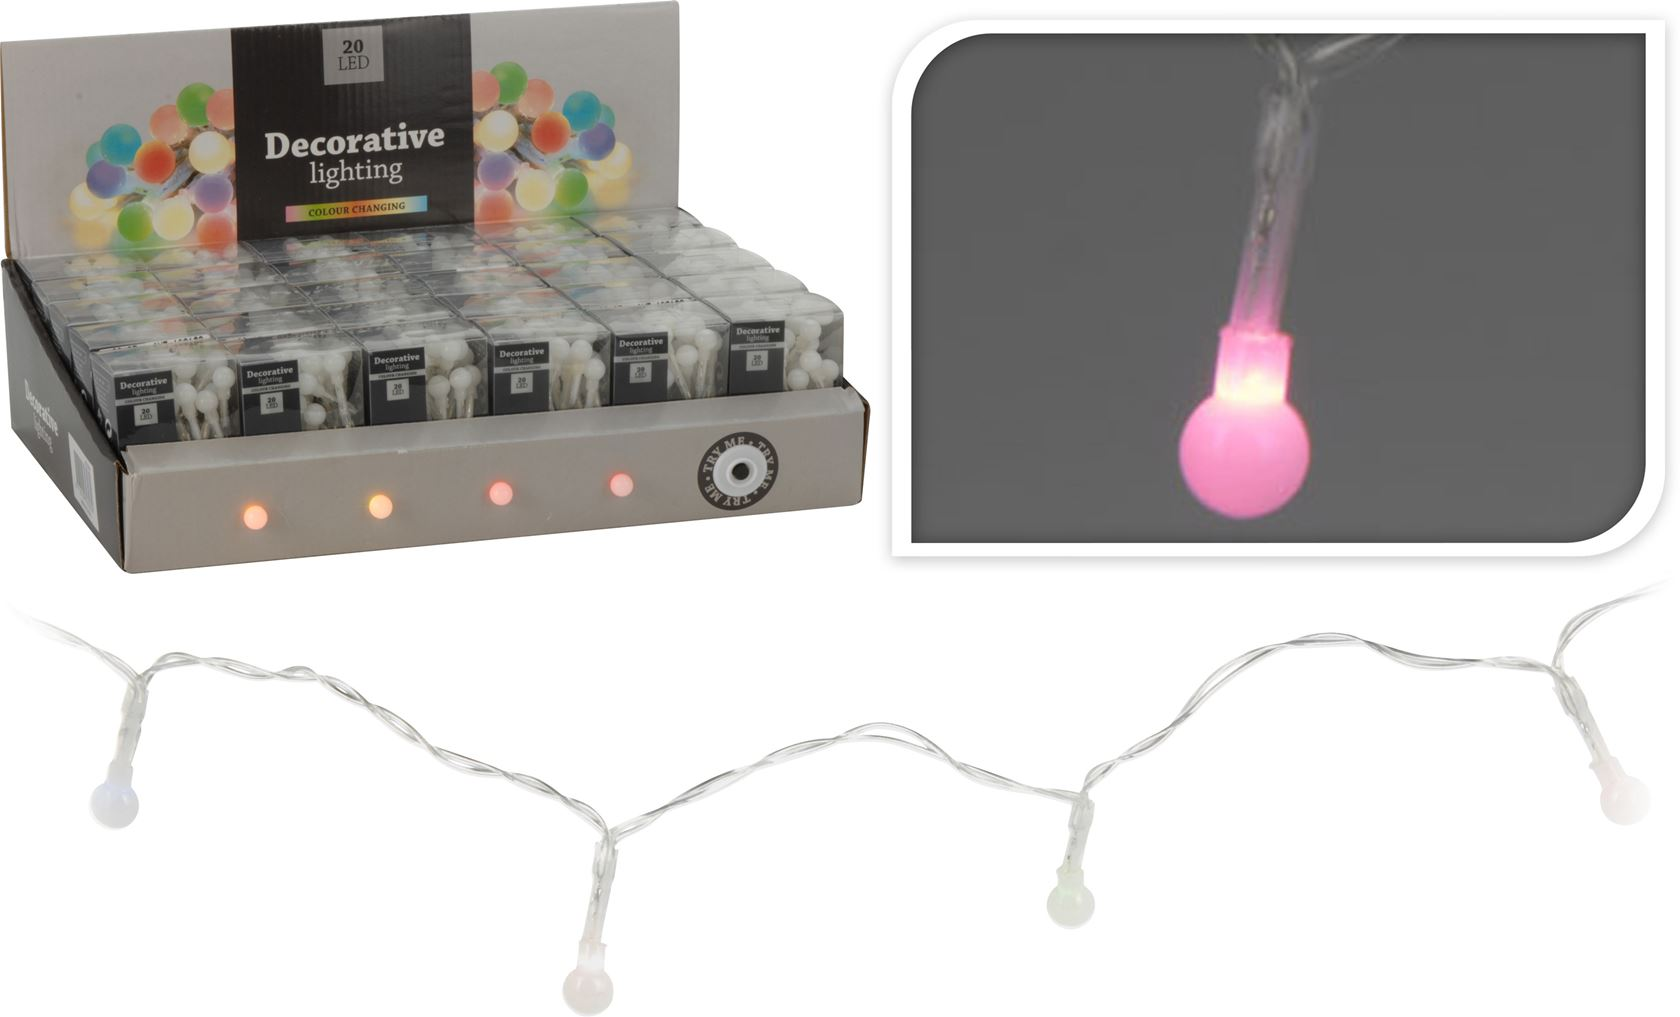 batterijverlichting led bolletjes colour changing (indoor)